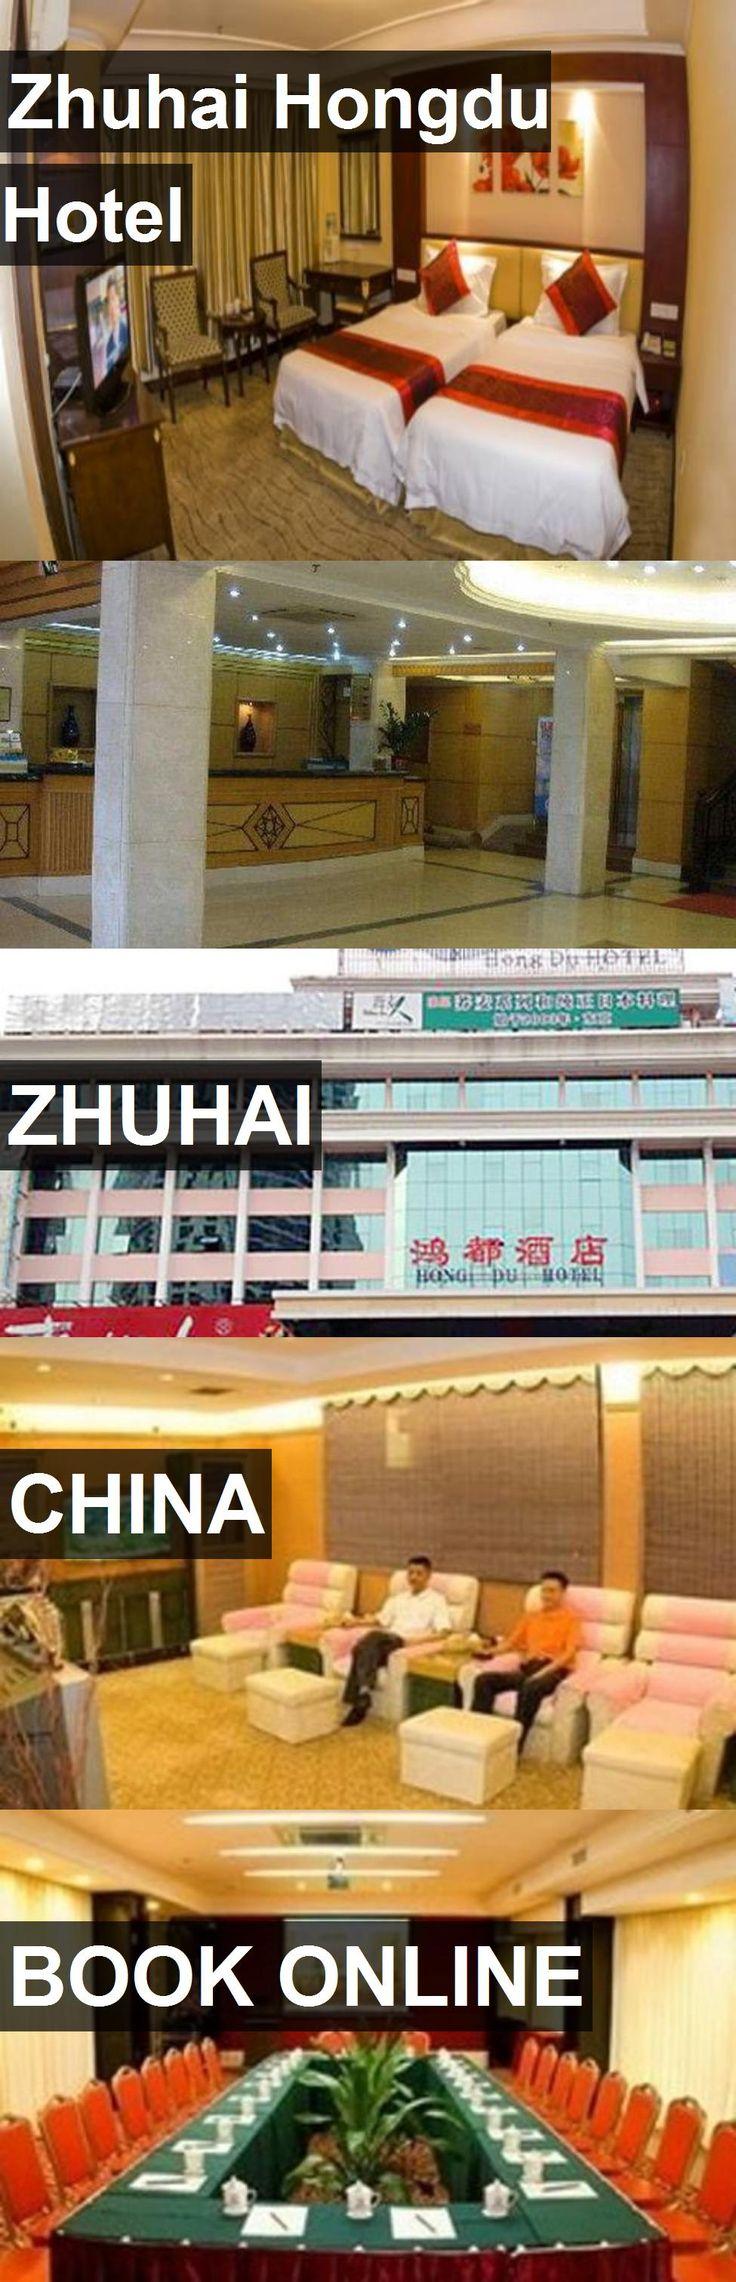 Hotel Zhuhai Hongdu Hotel in Zhuhai, China. For more information, photos, reviews and best prices please follow the link. #China #Zhuhai #ZhuhaiHongduHotel #hotel #travel #vacation